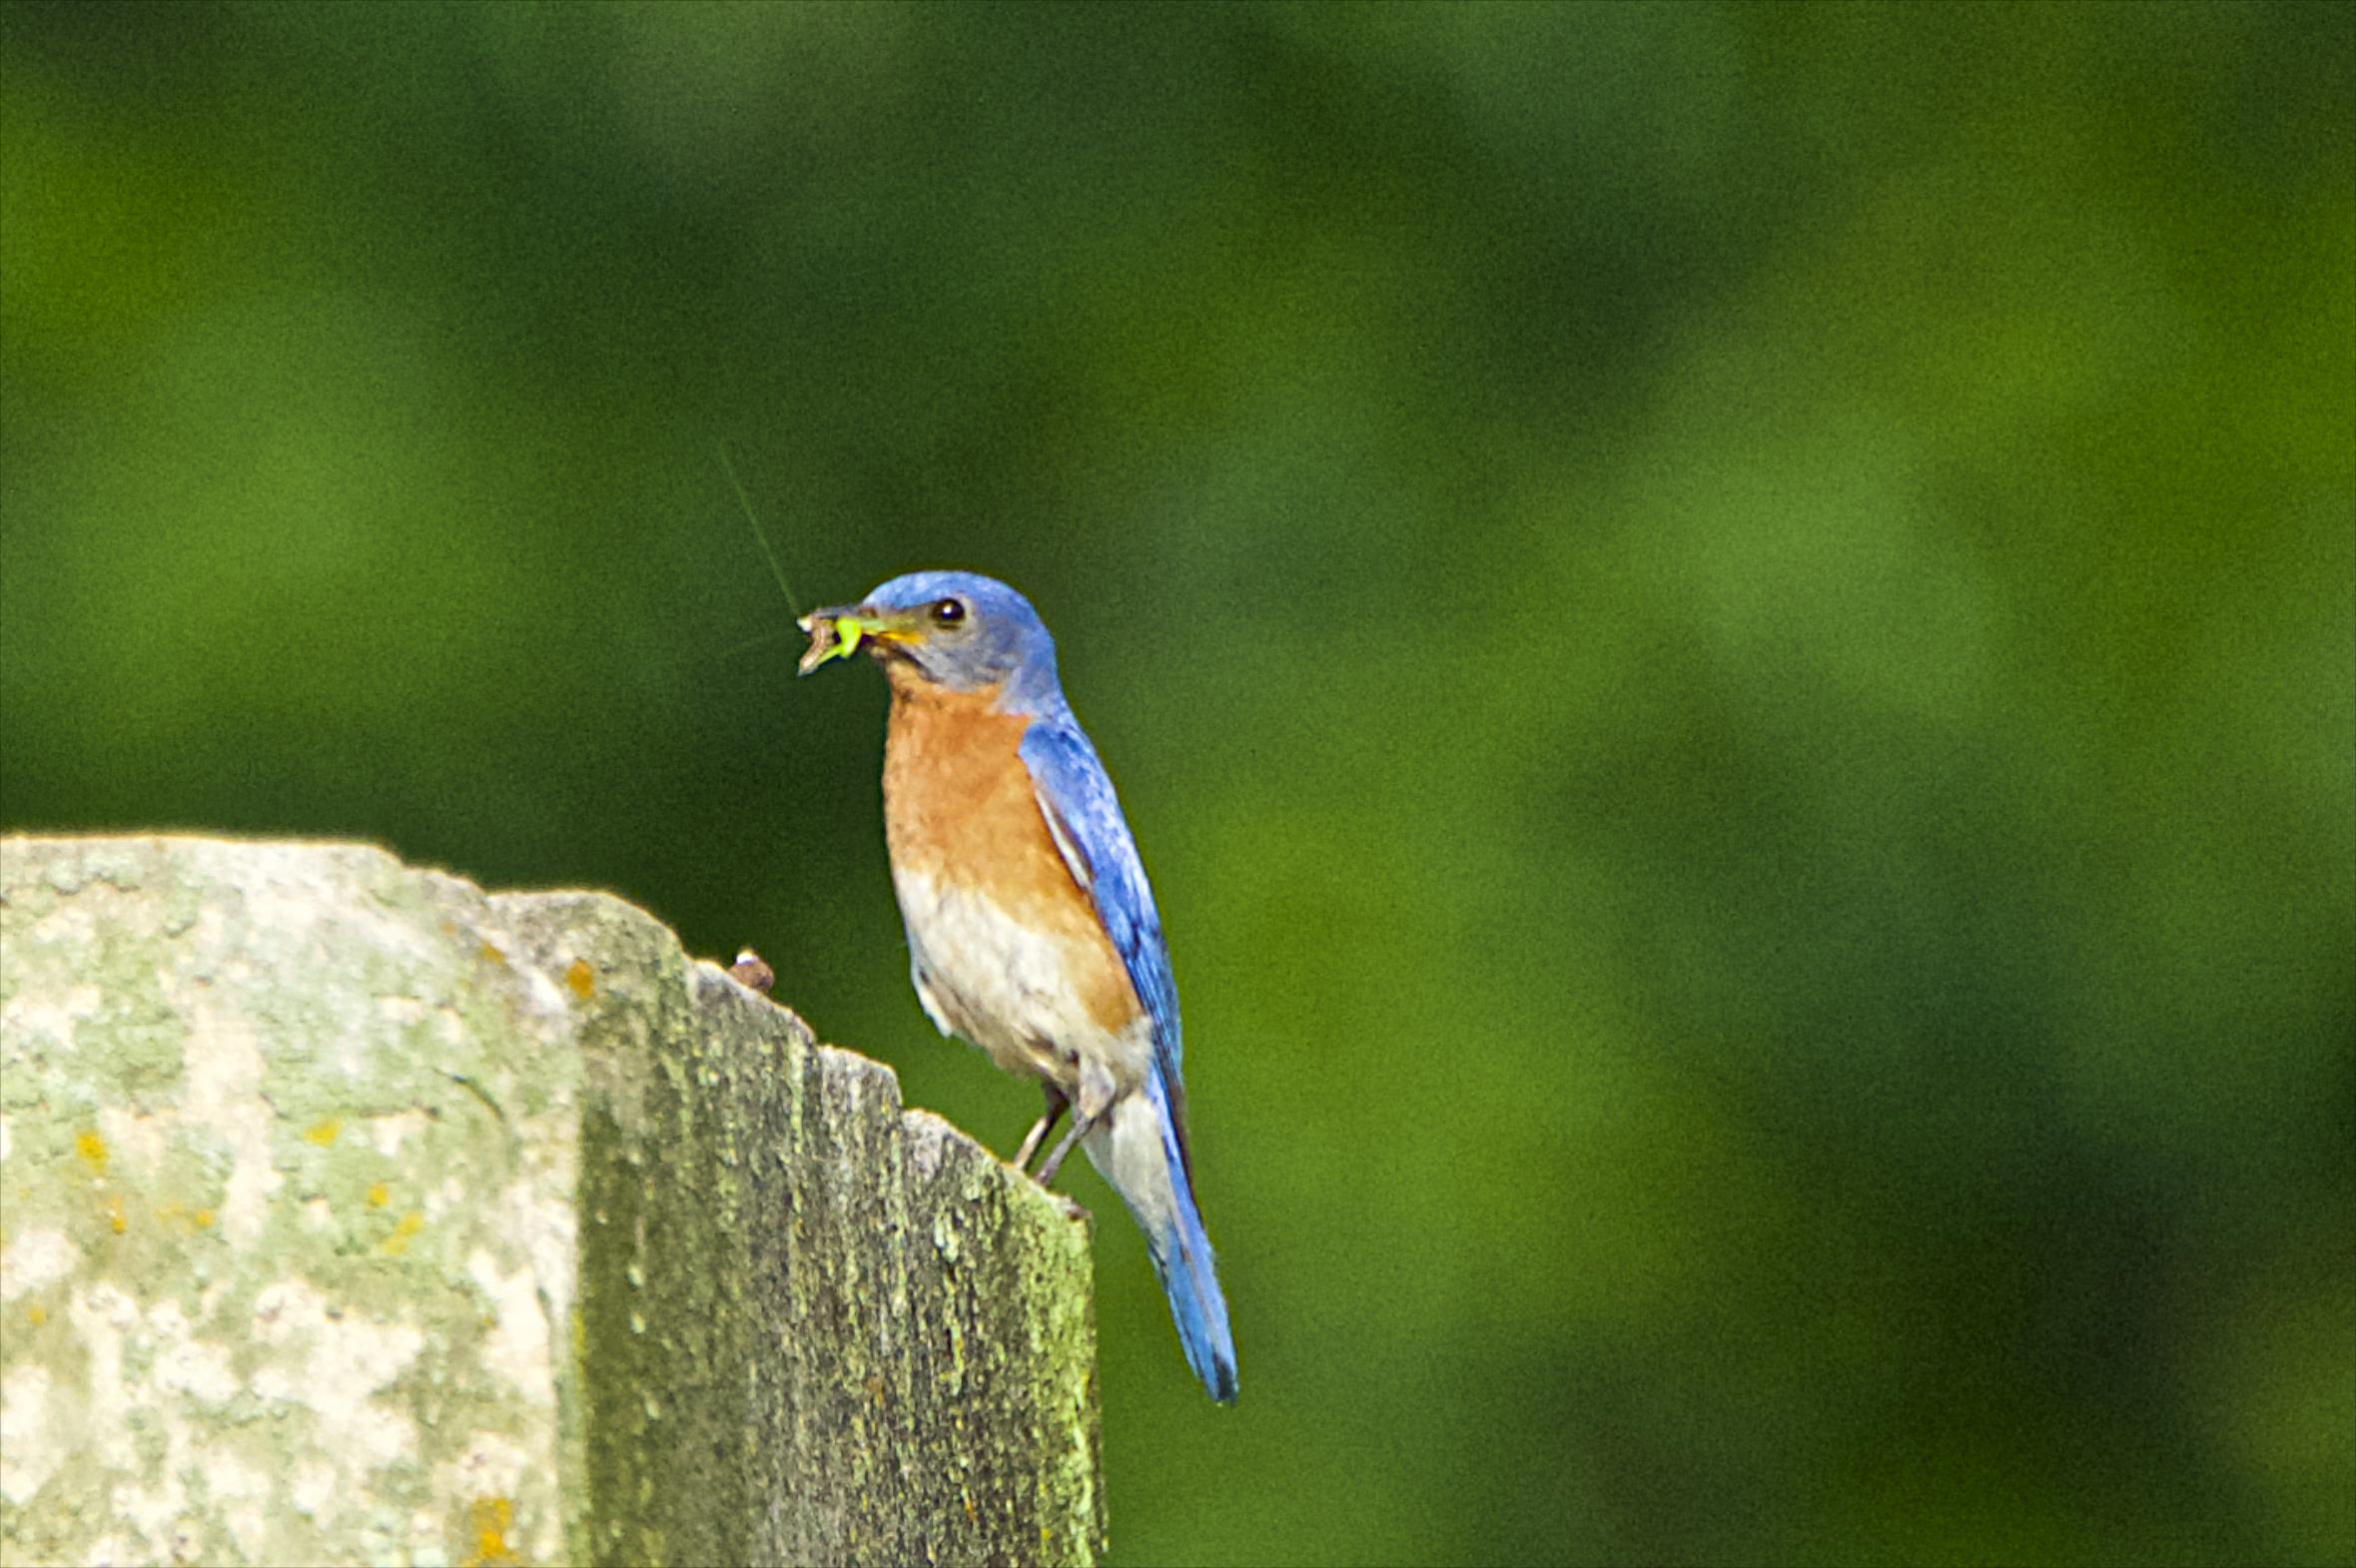 Eastern Bluebird-Male